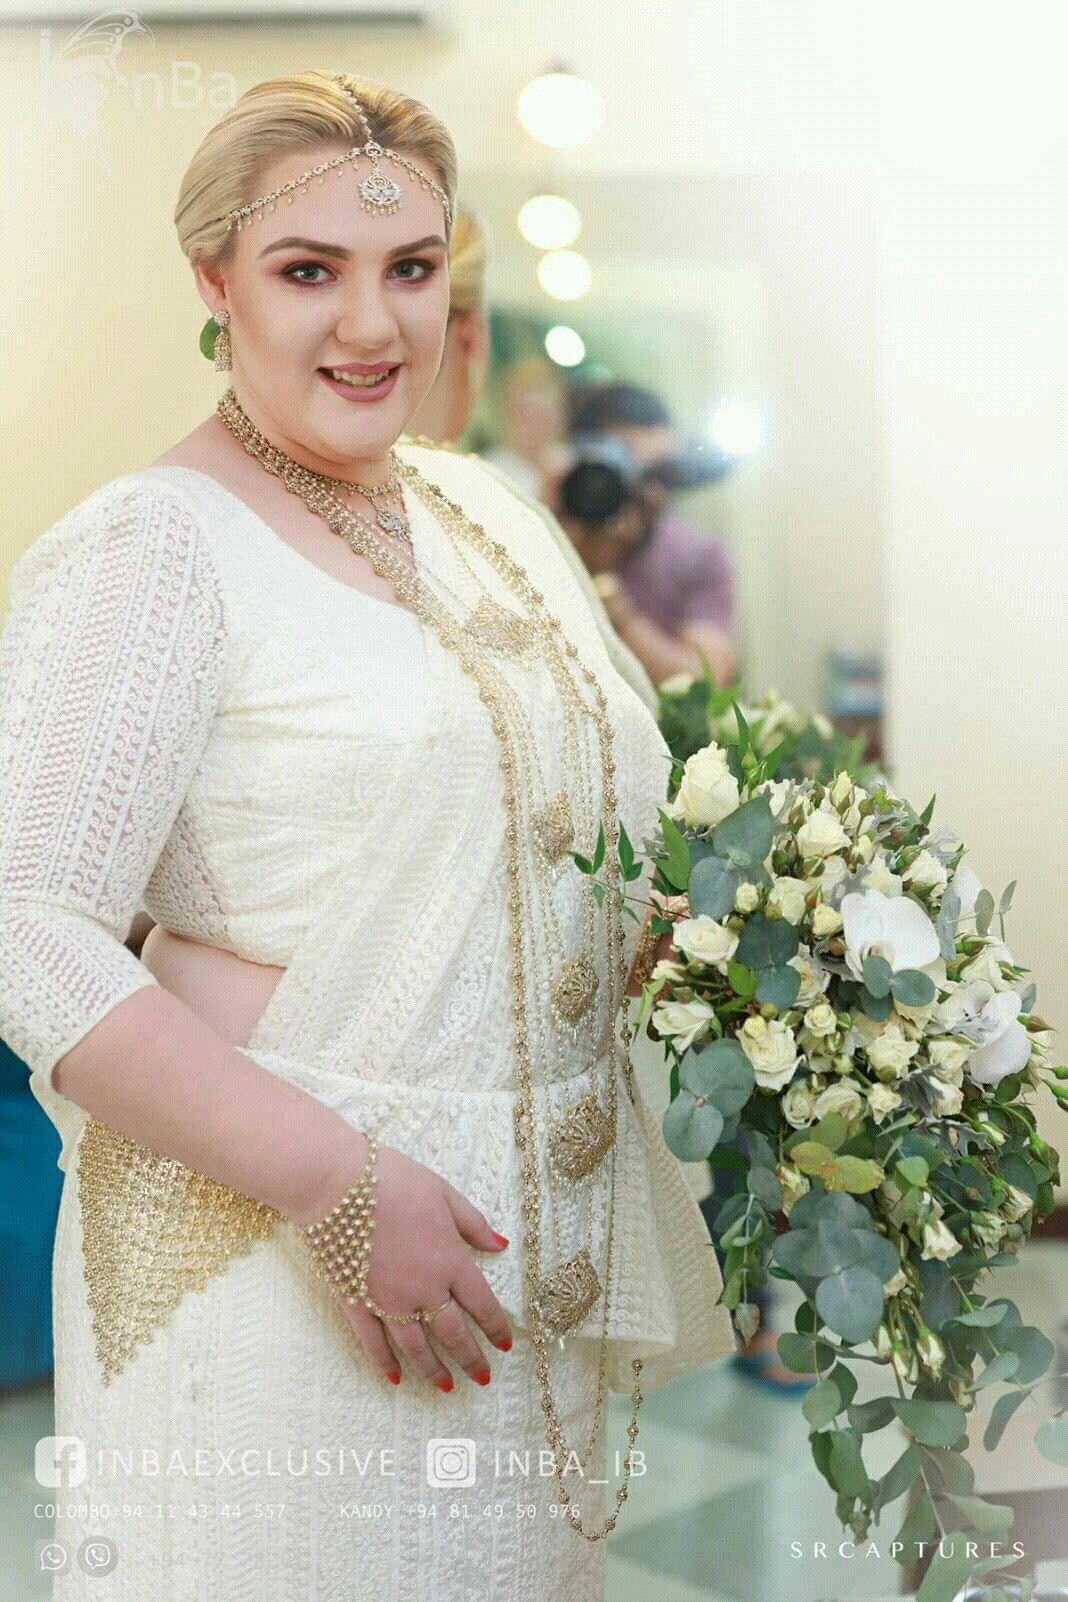 Dressed Indika Bandara Bride Bridal Dresses